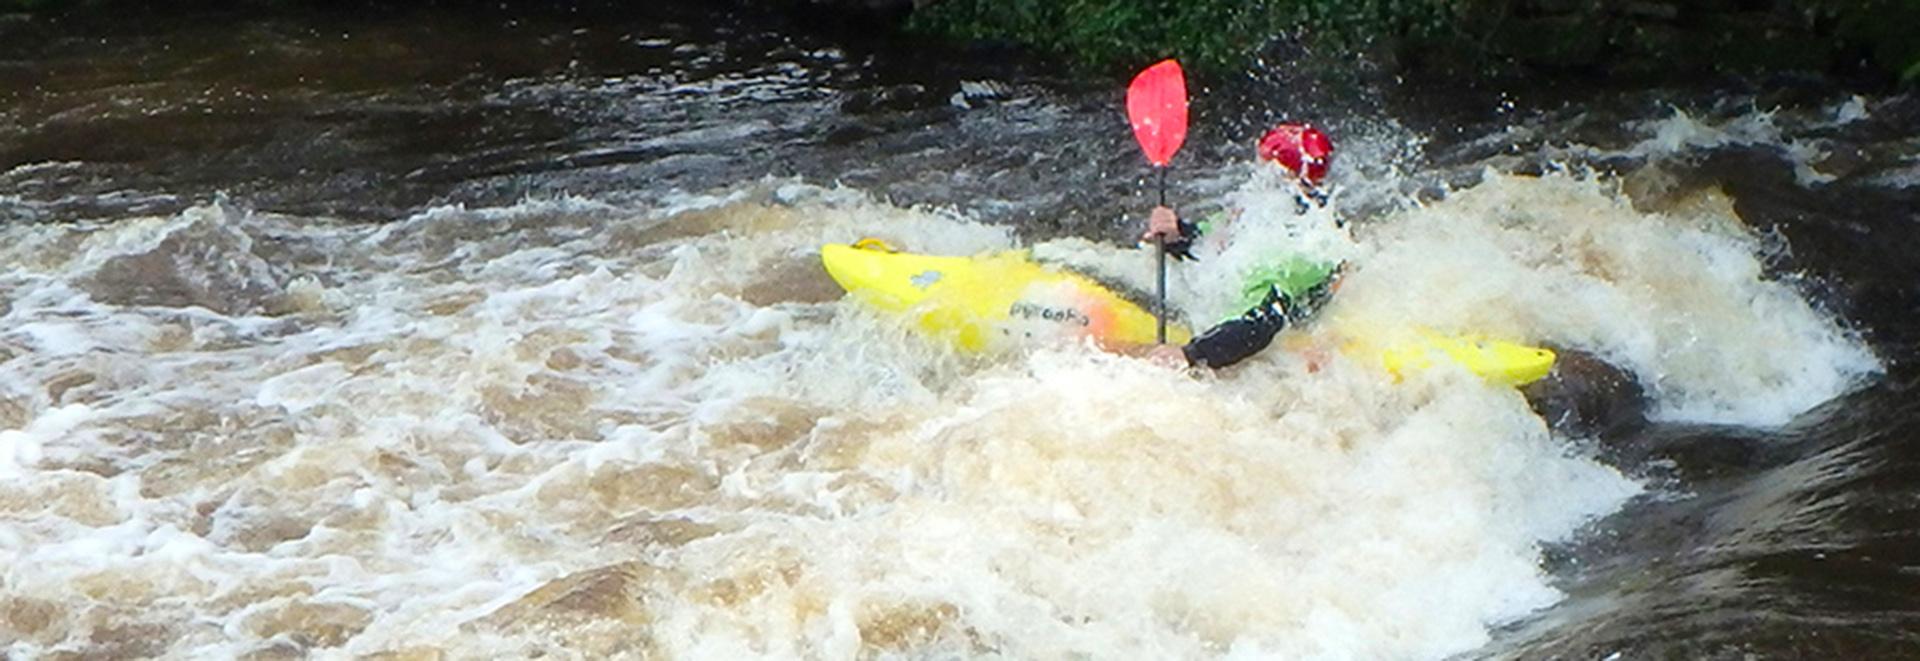 Jon-Kayaks